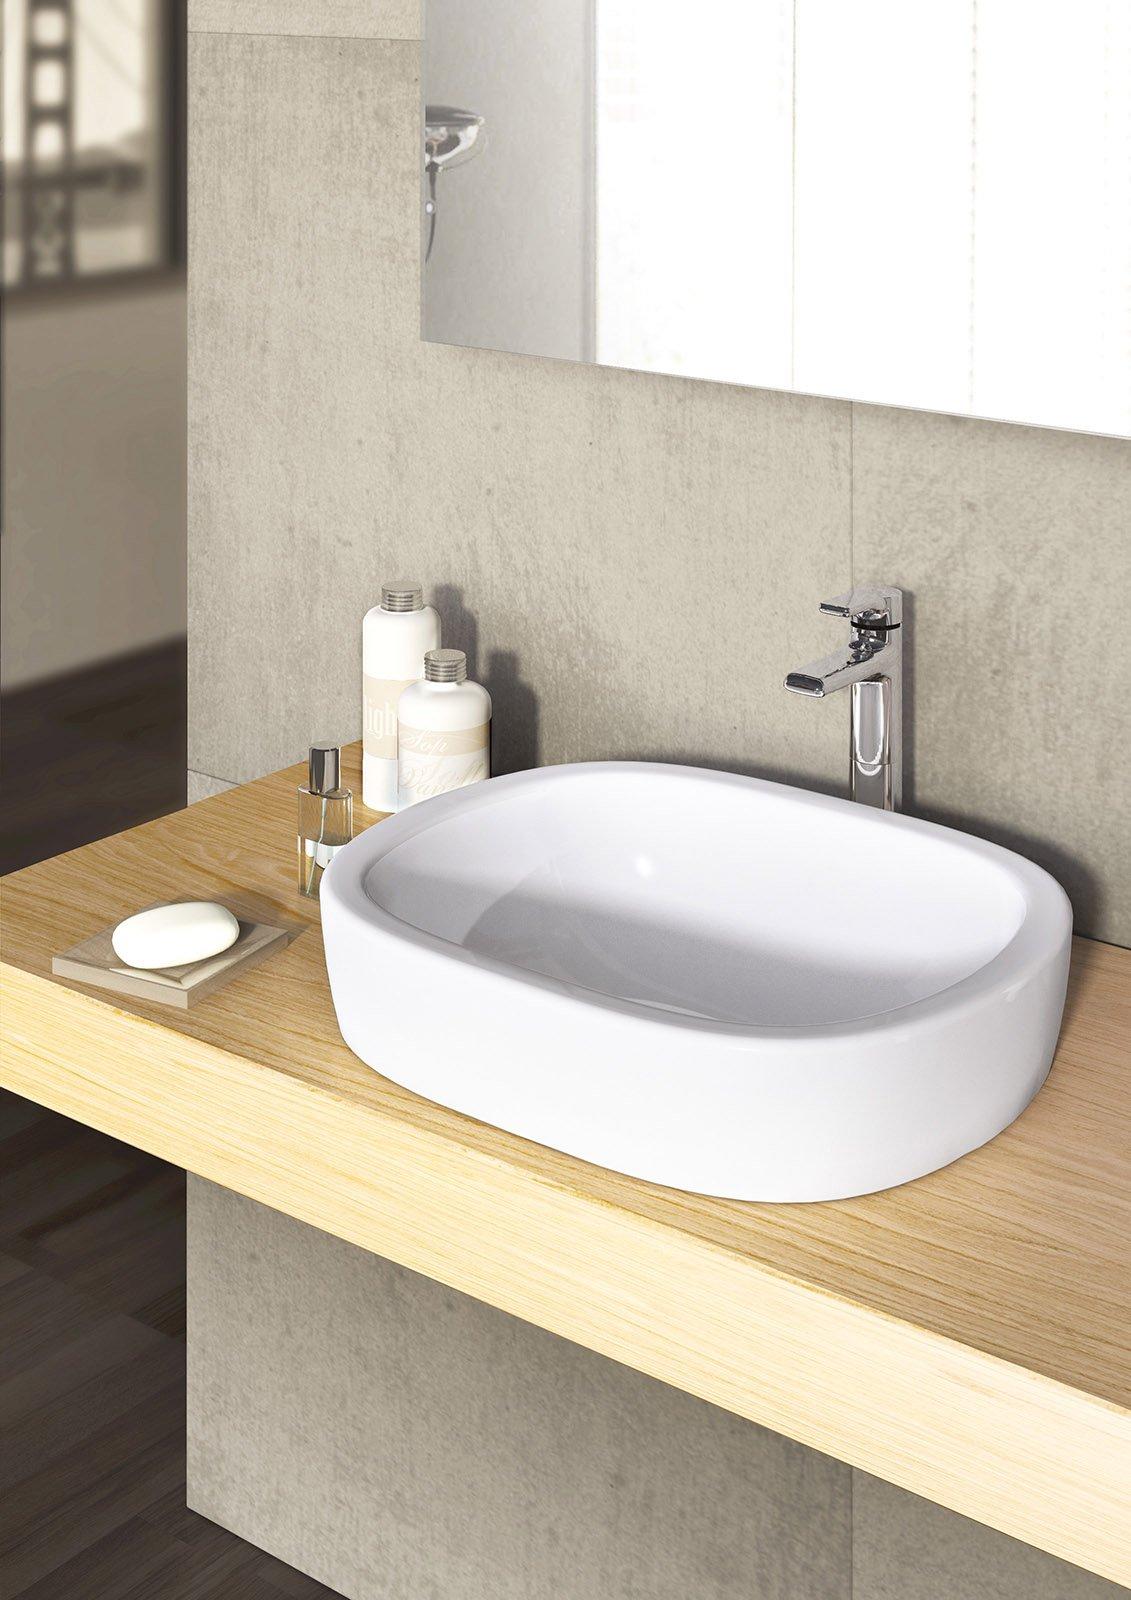 È Di Forma Ovale Il Lavabo Da Incasso Soprapiano Active Di Ideal Standard.  In Ceramica Sanitaria Bianca, Non Ha Troppopieno. Misura L 50 X P 40 Cm.